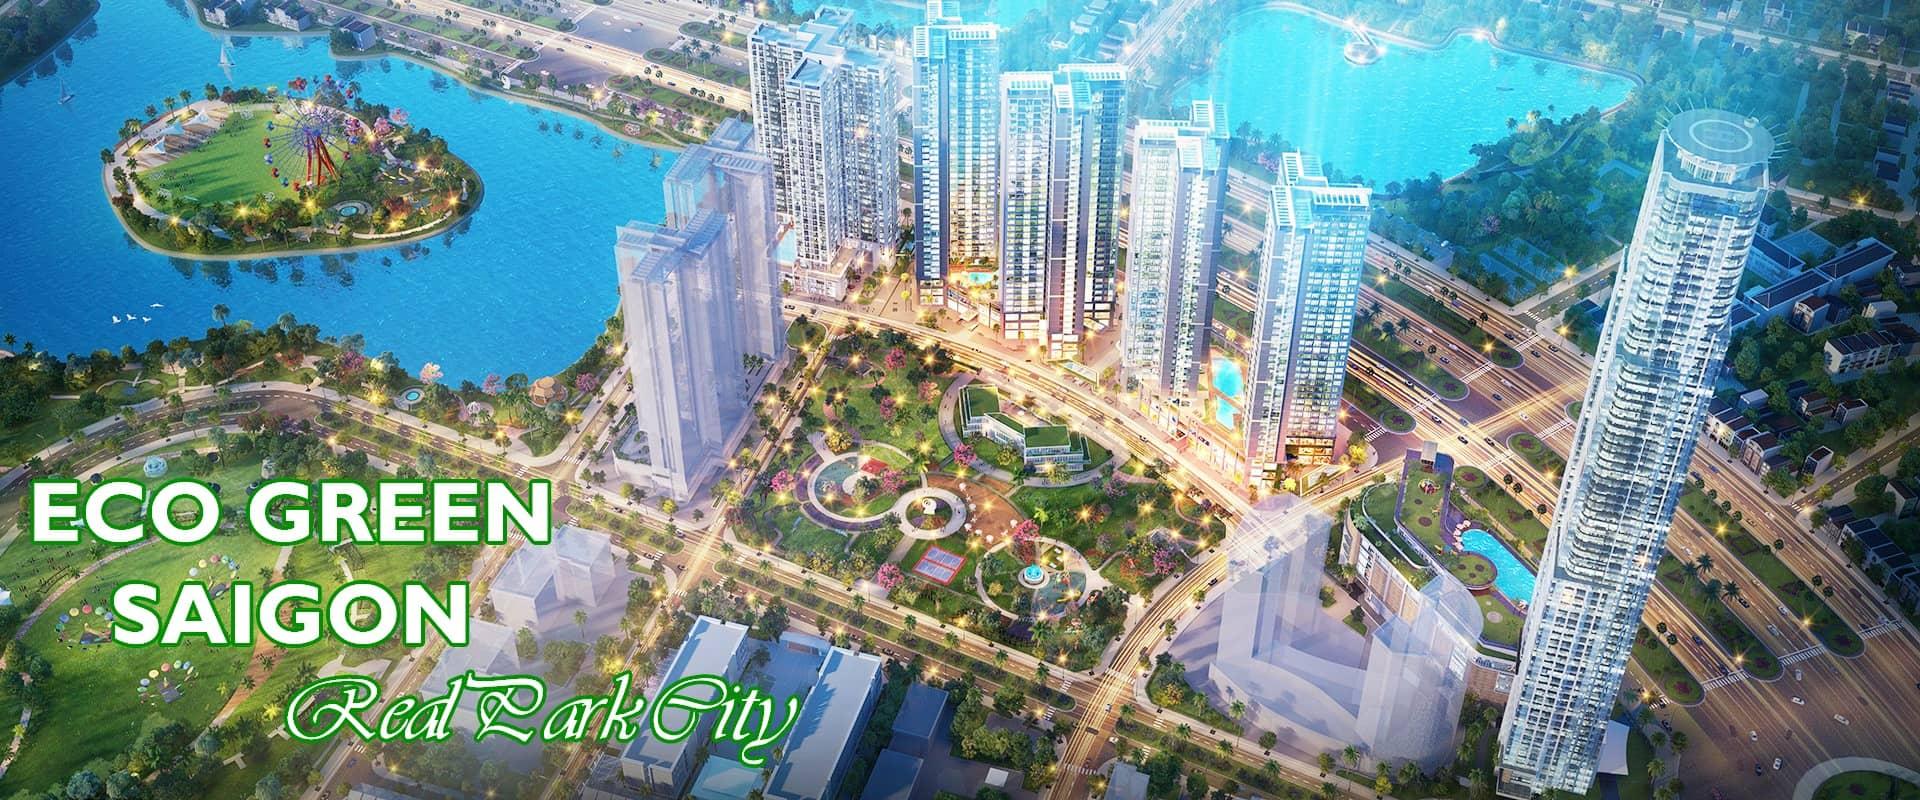 banner Eco Green Saigon